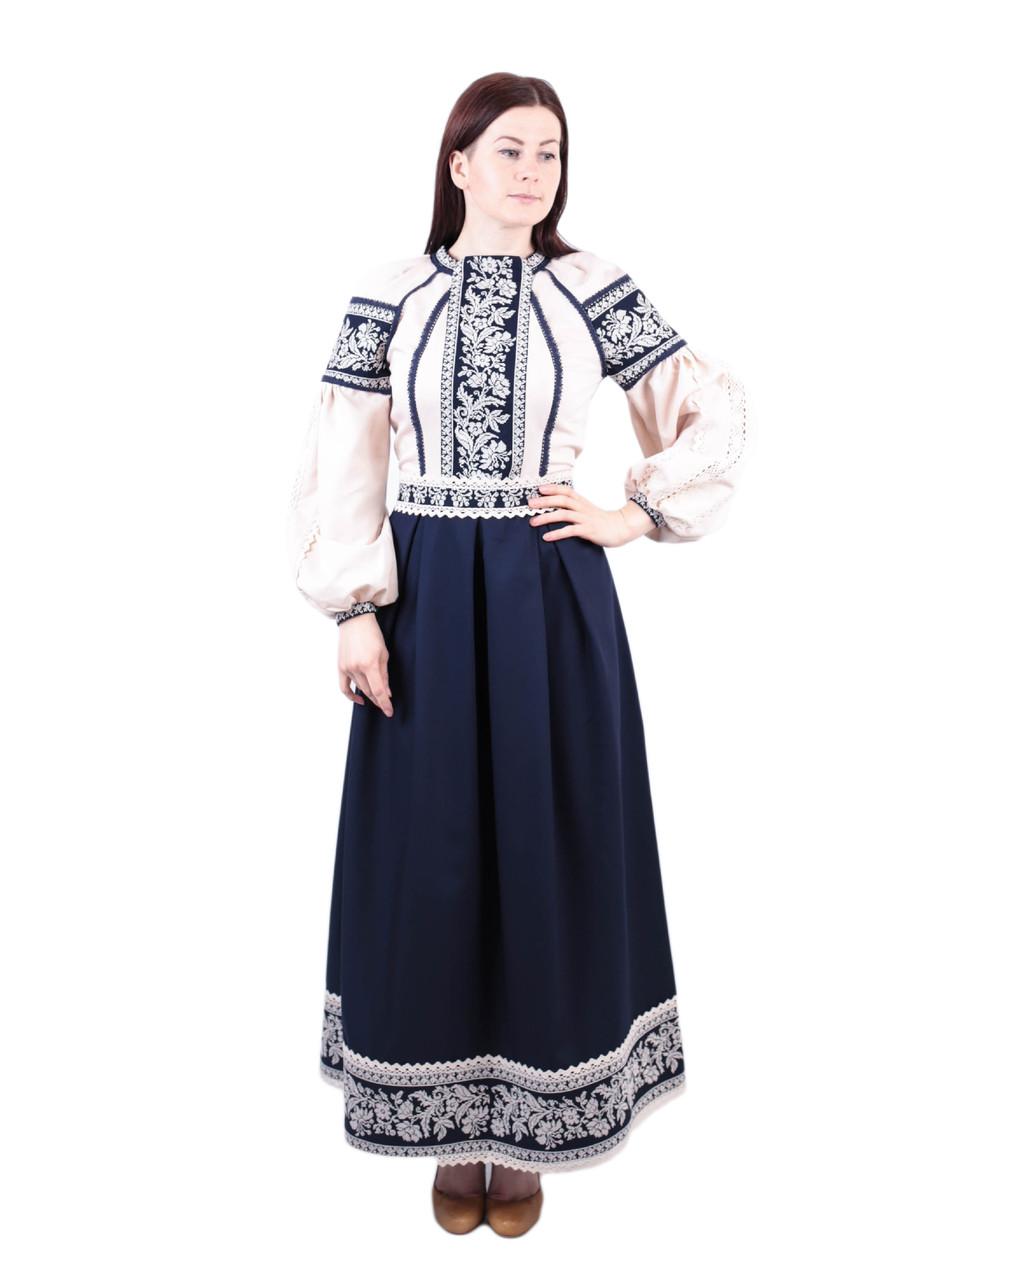 Вишите котонове синьо-бежеве довге плаття з машинною вишивкою -  Інтернет-магазин вишиванок для 3c2919ac1dca1